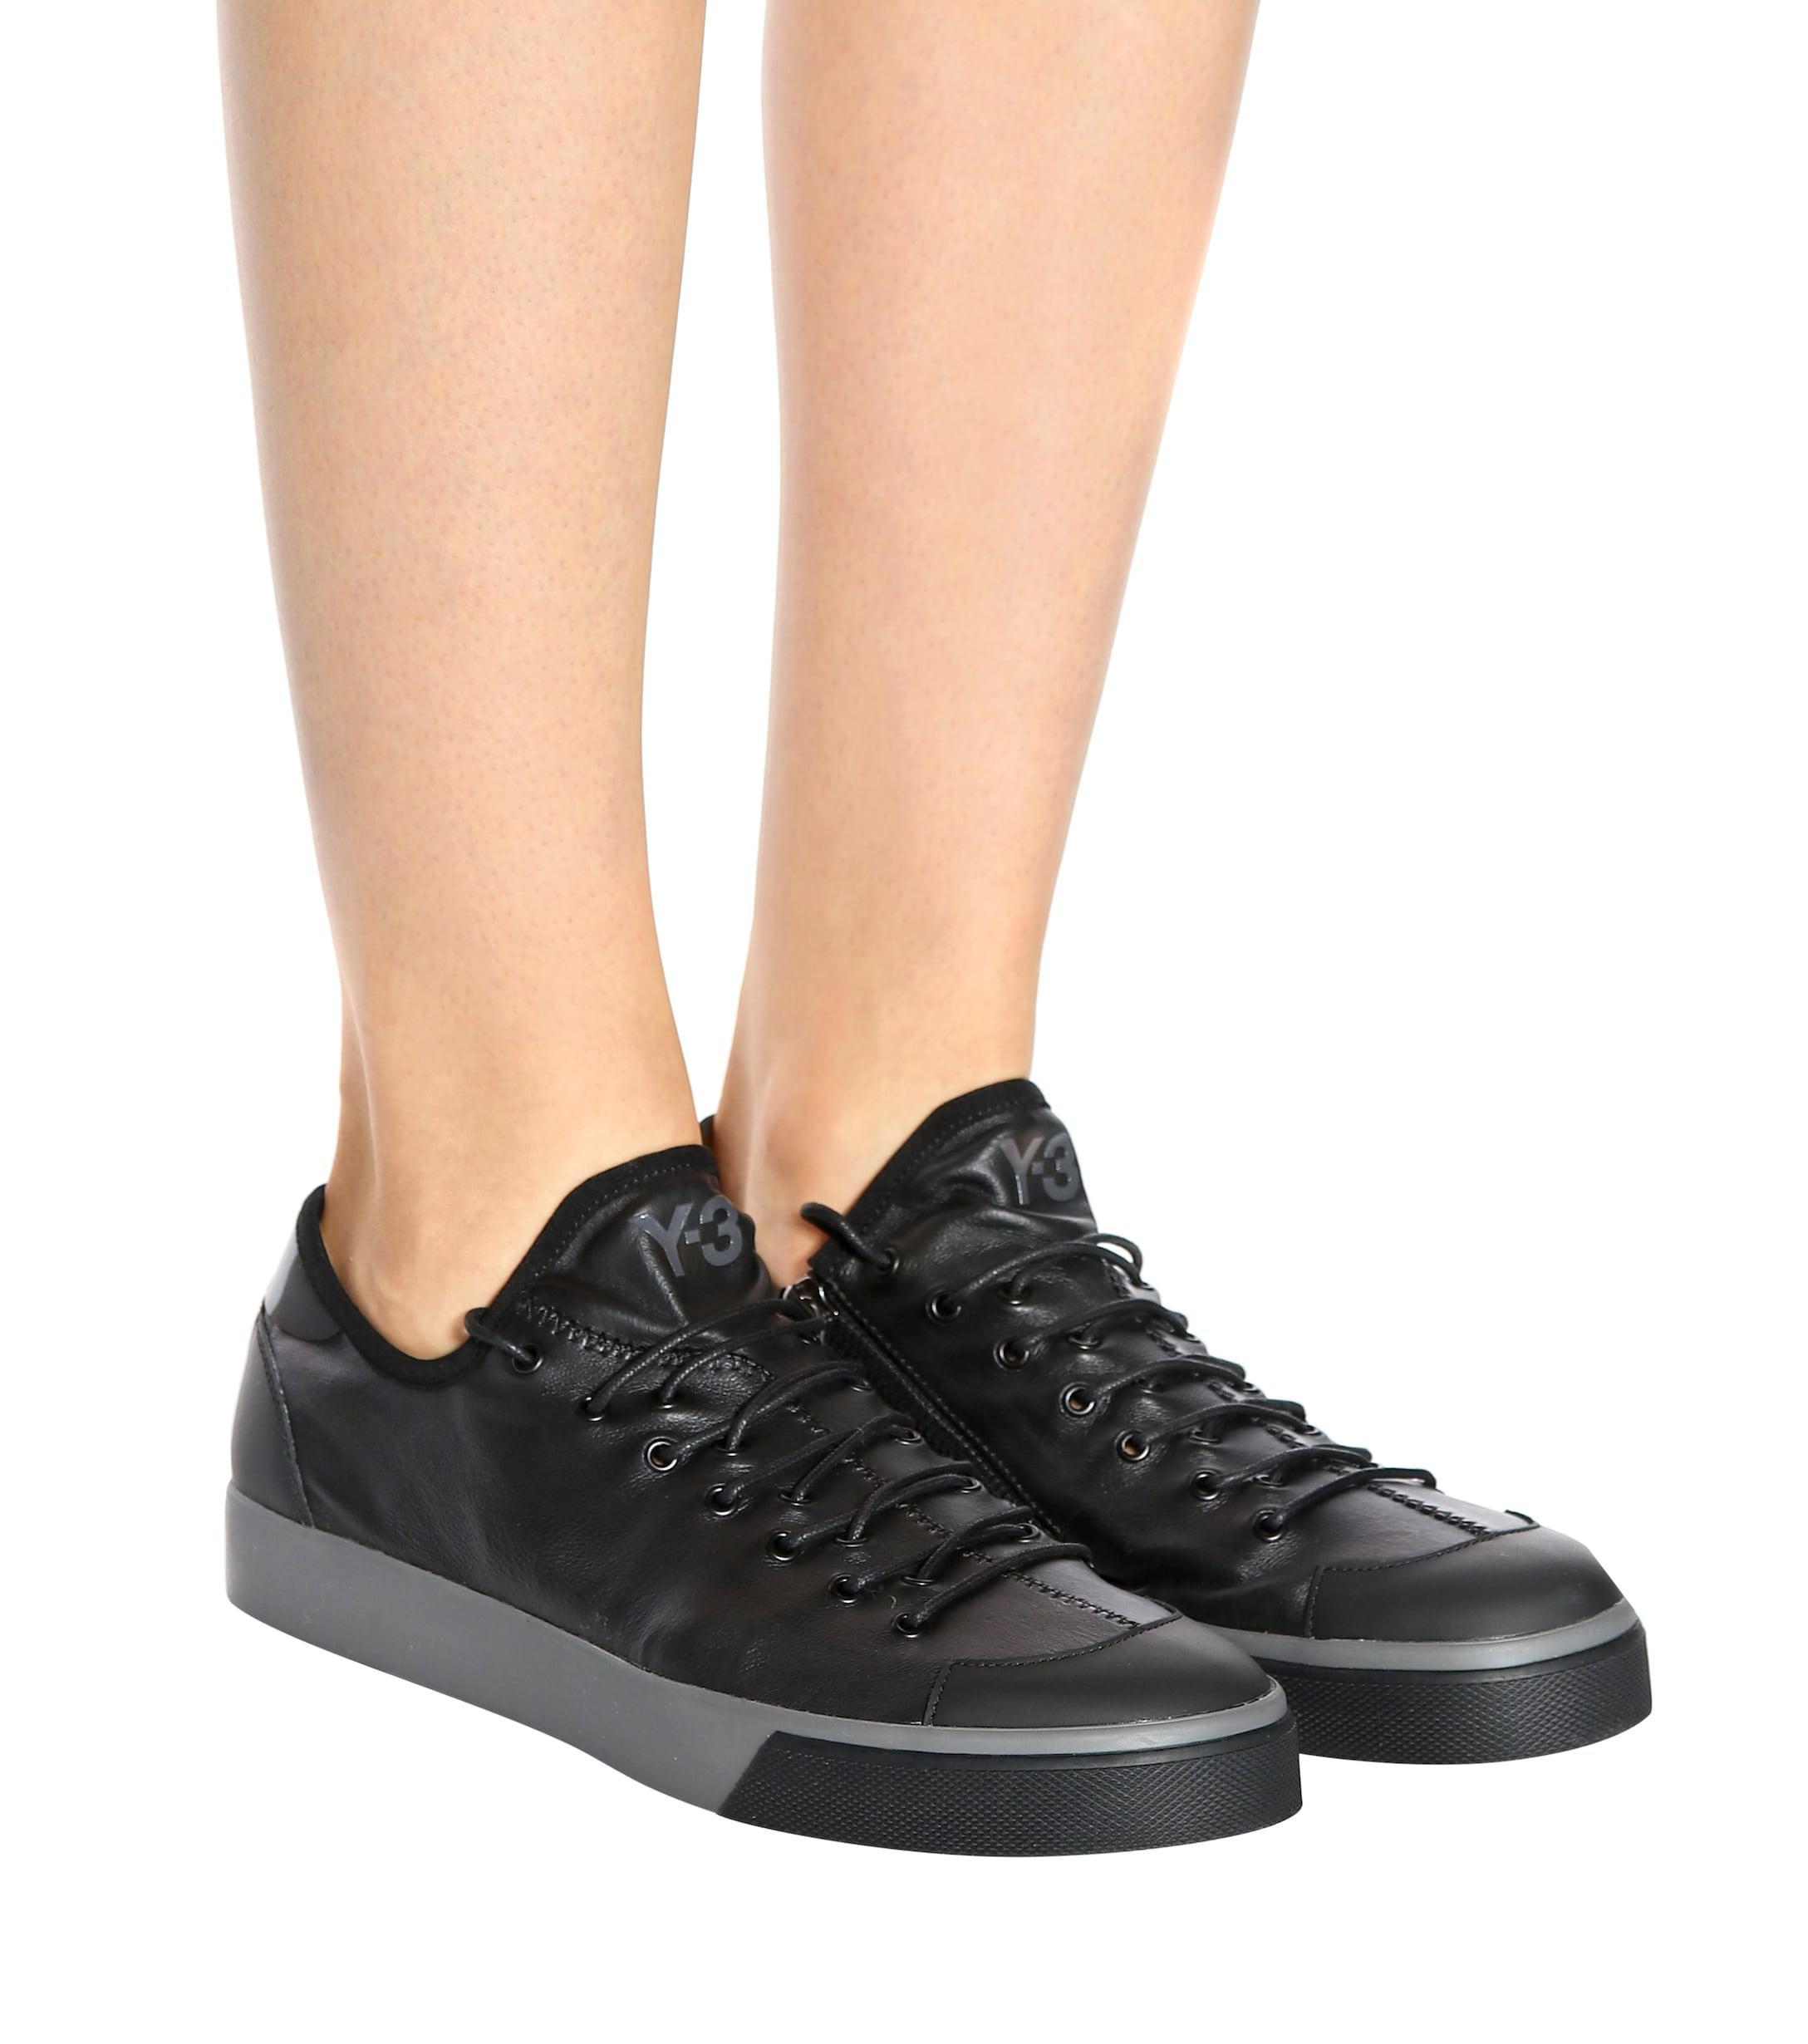 Y-3 Sen Low Leather Sneakers in Black